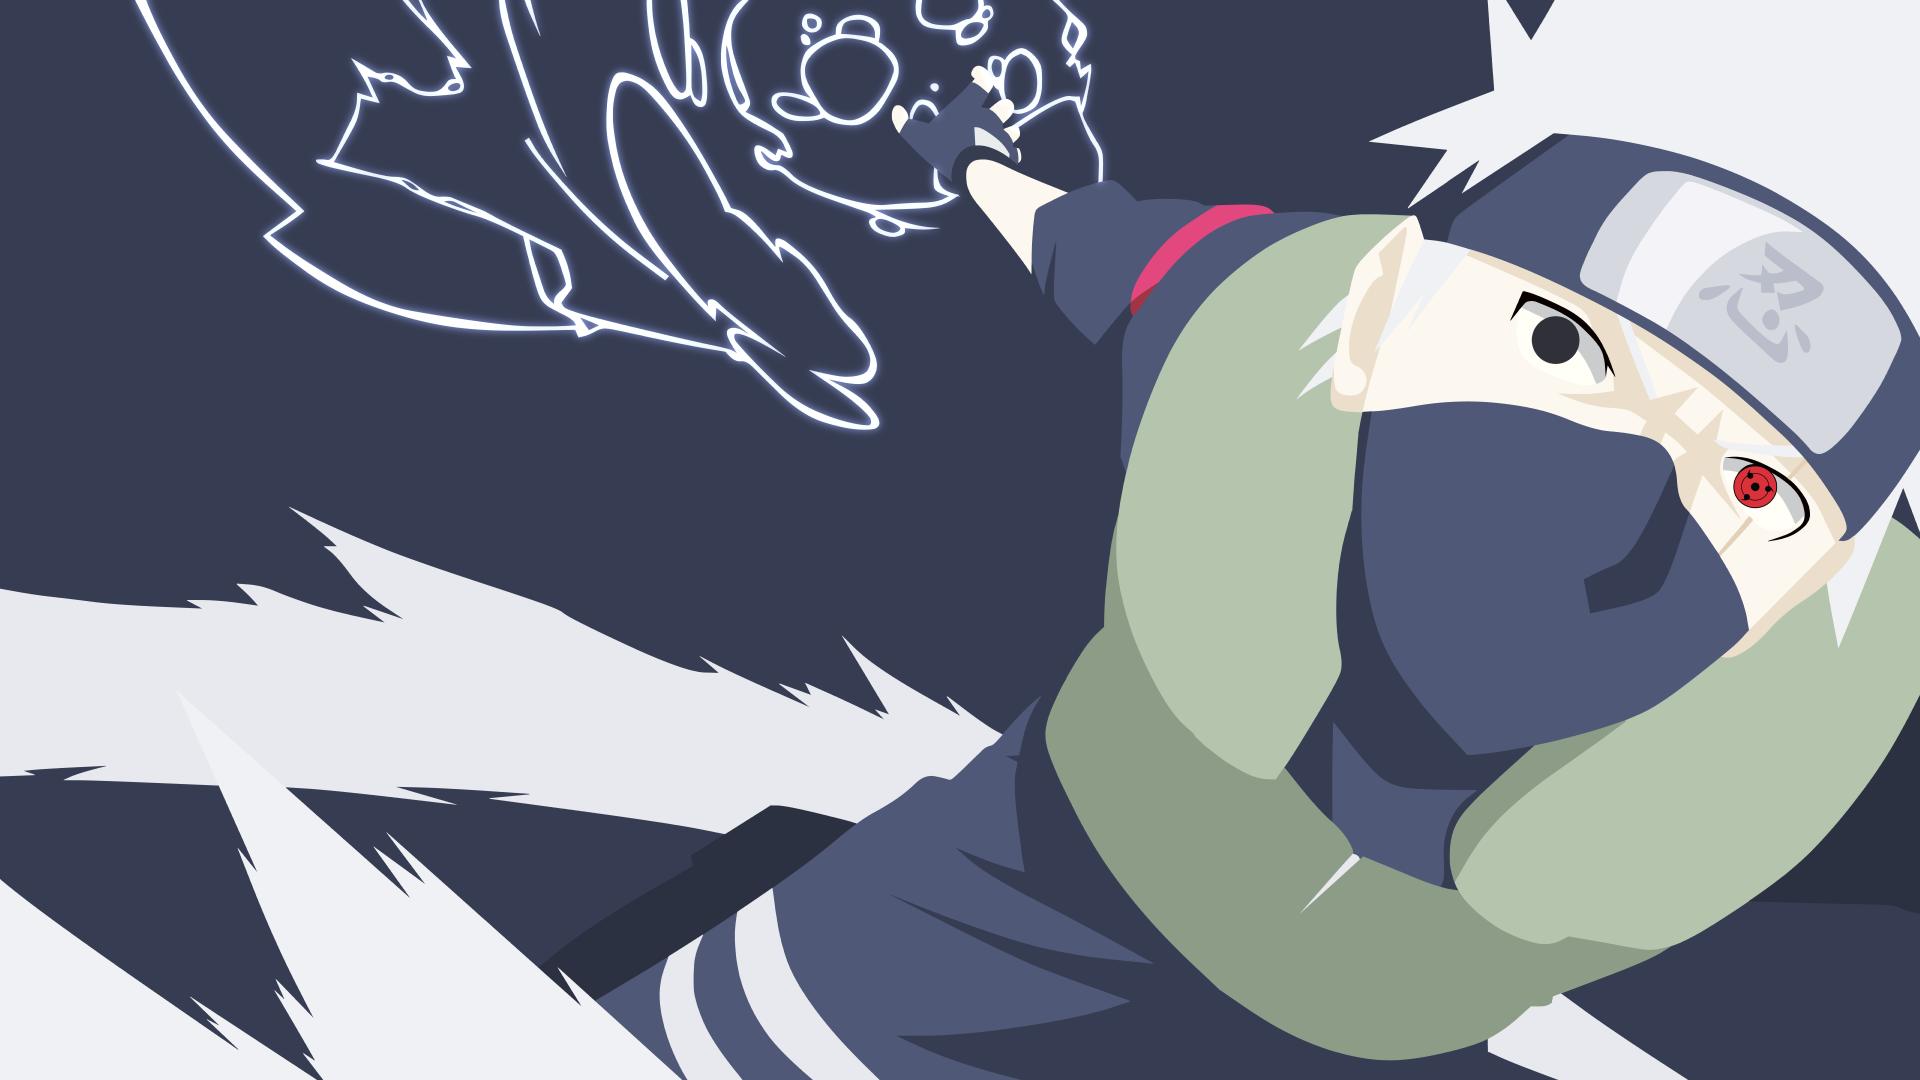 Hatake Kakashi Minimalist Hd Wallpaper Background Image